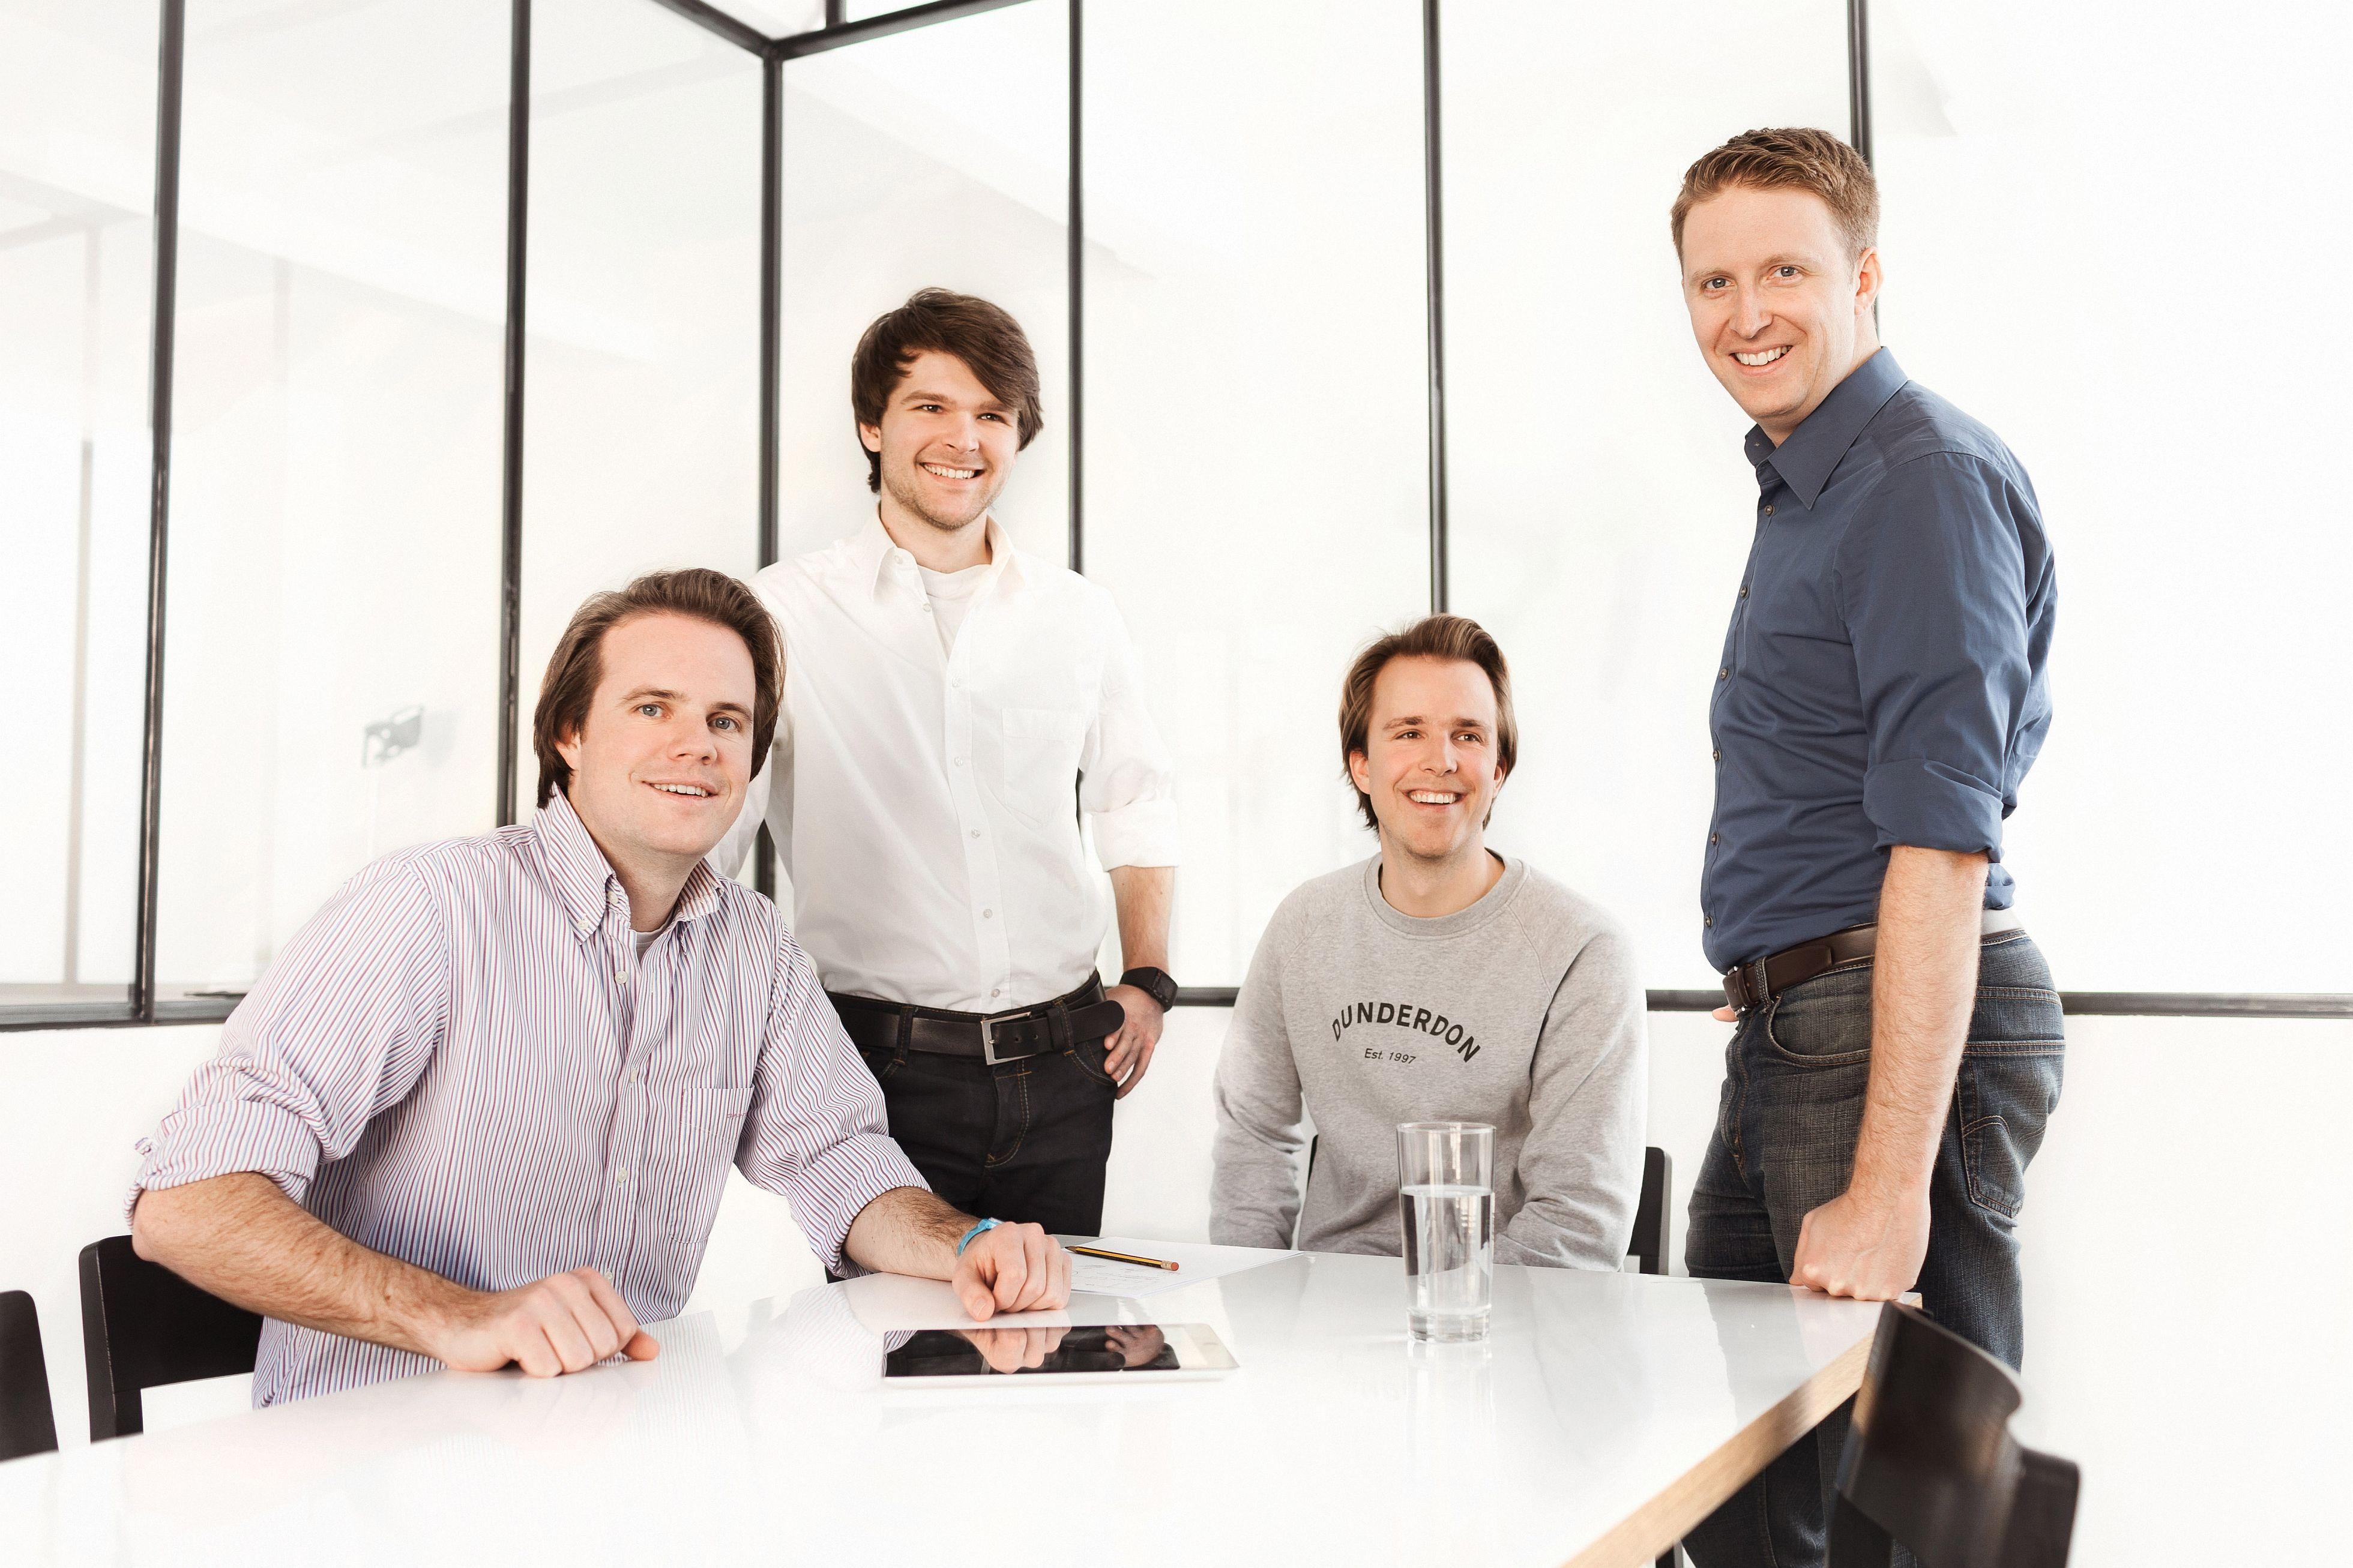 The tado° team